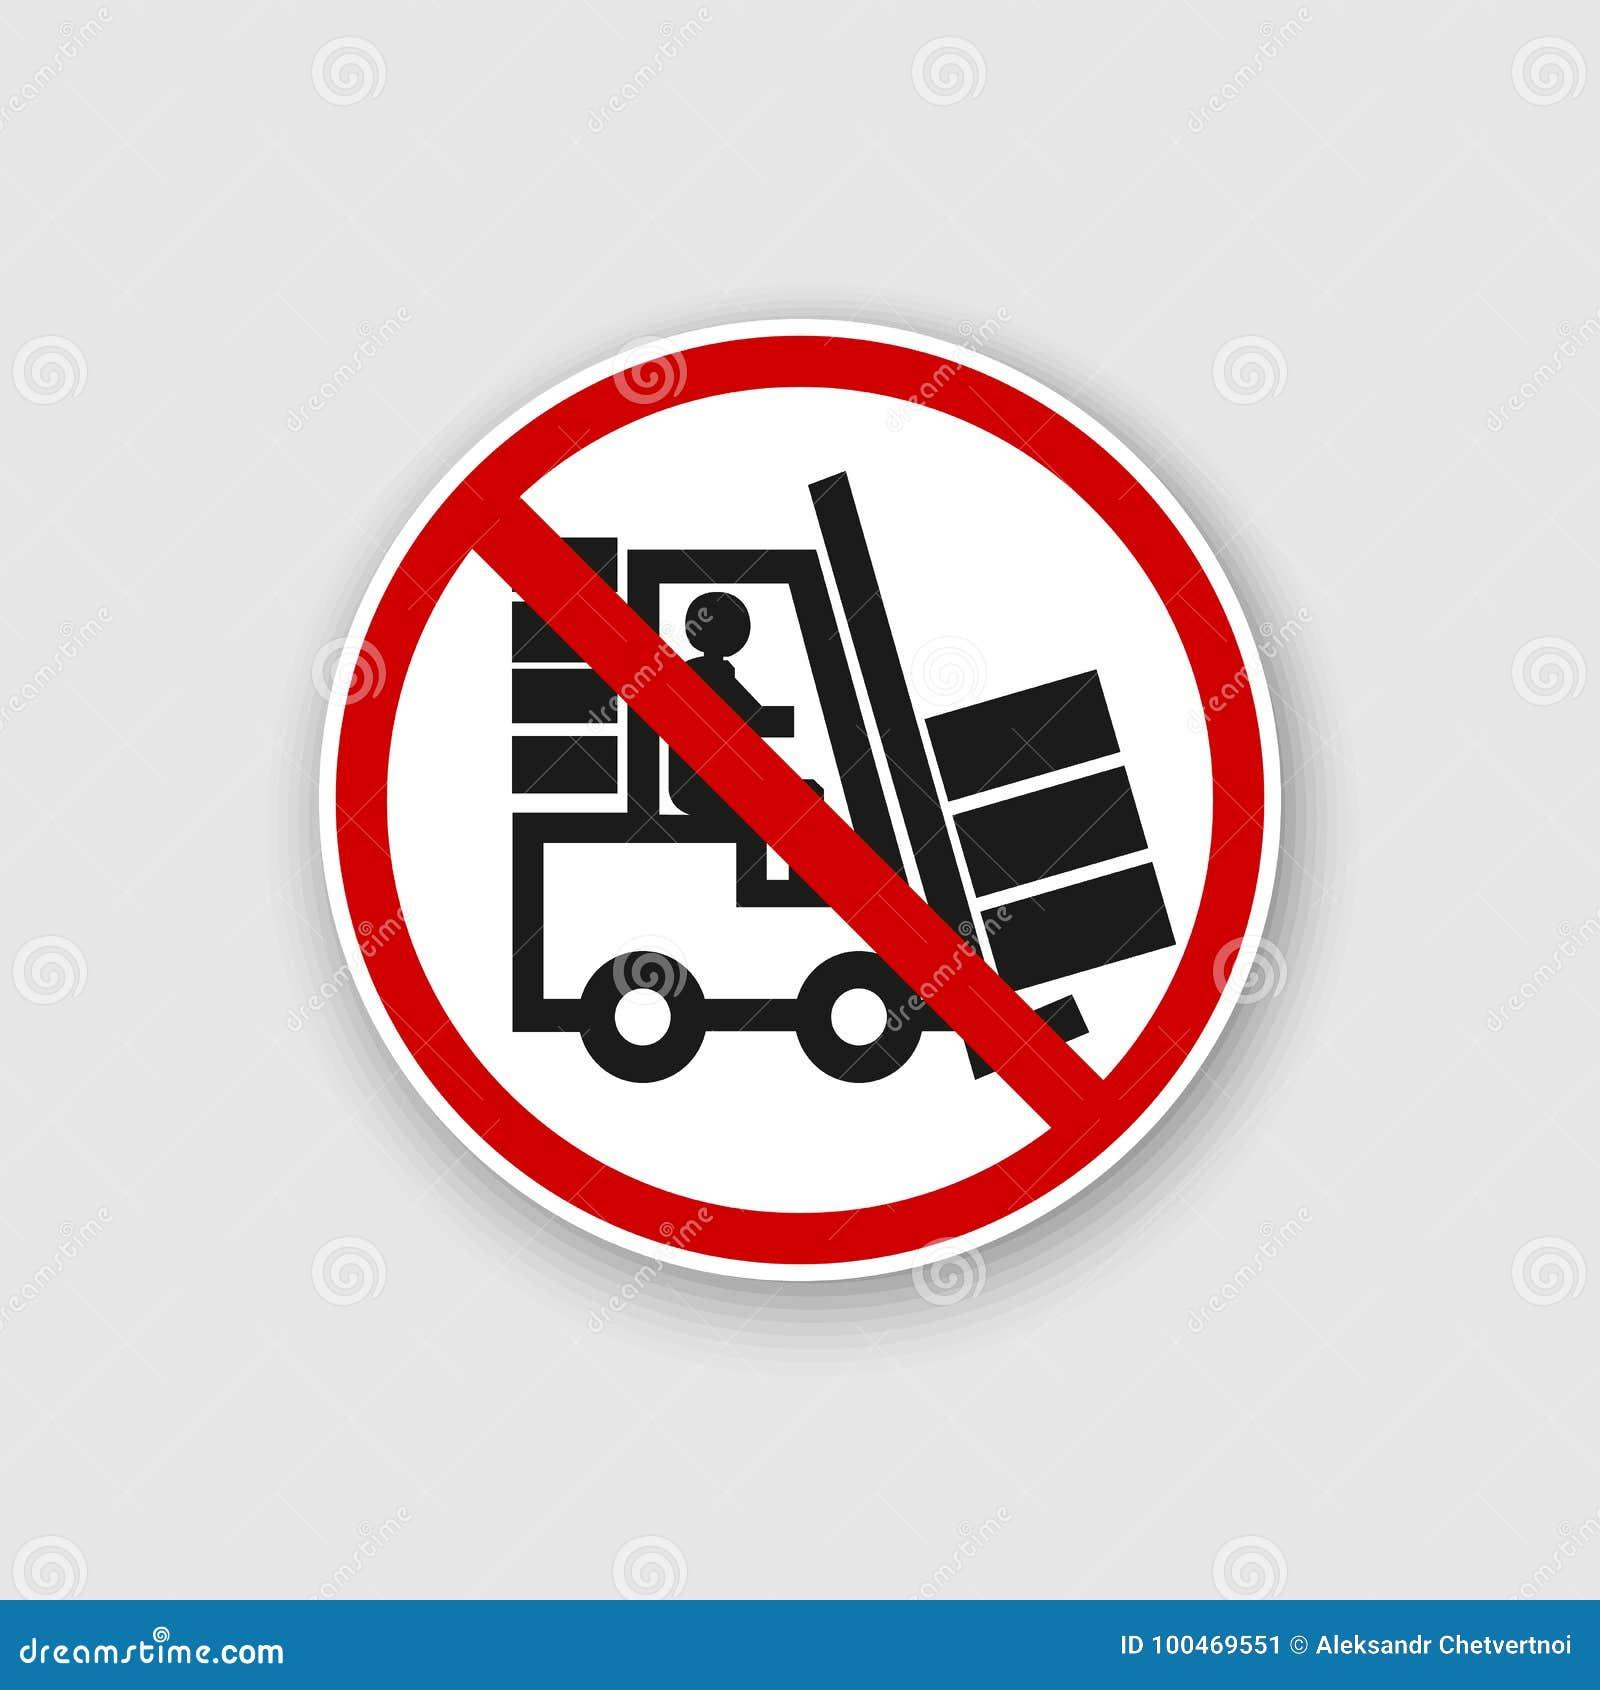 forklift truck sign symbol of threat alert hazard. Black Bedroom Furniture Sets. Home Design Ideas